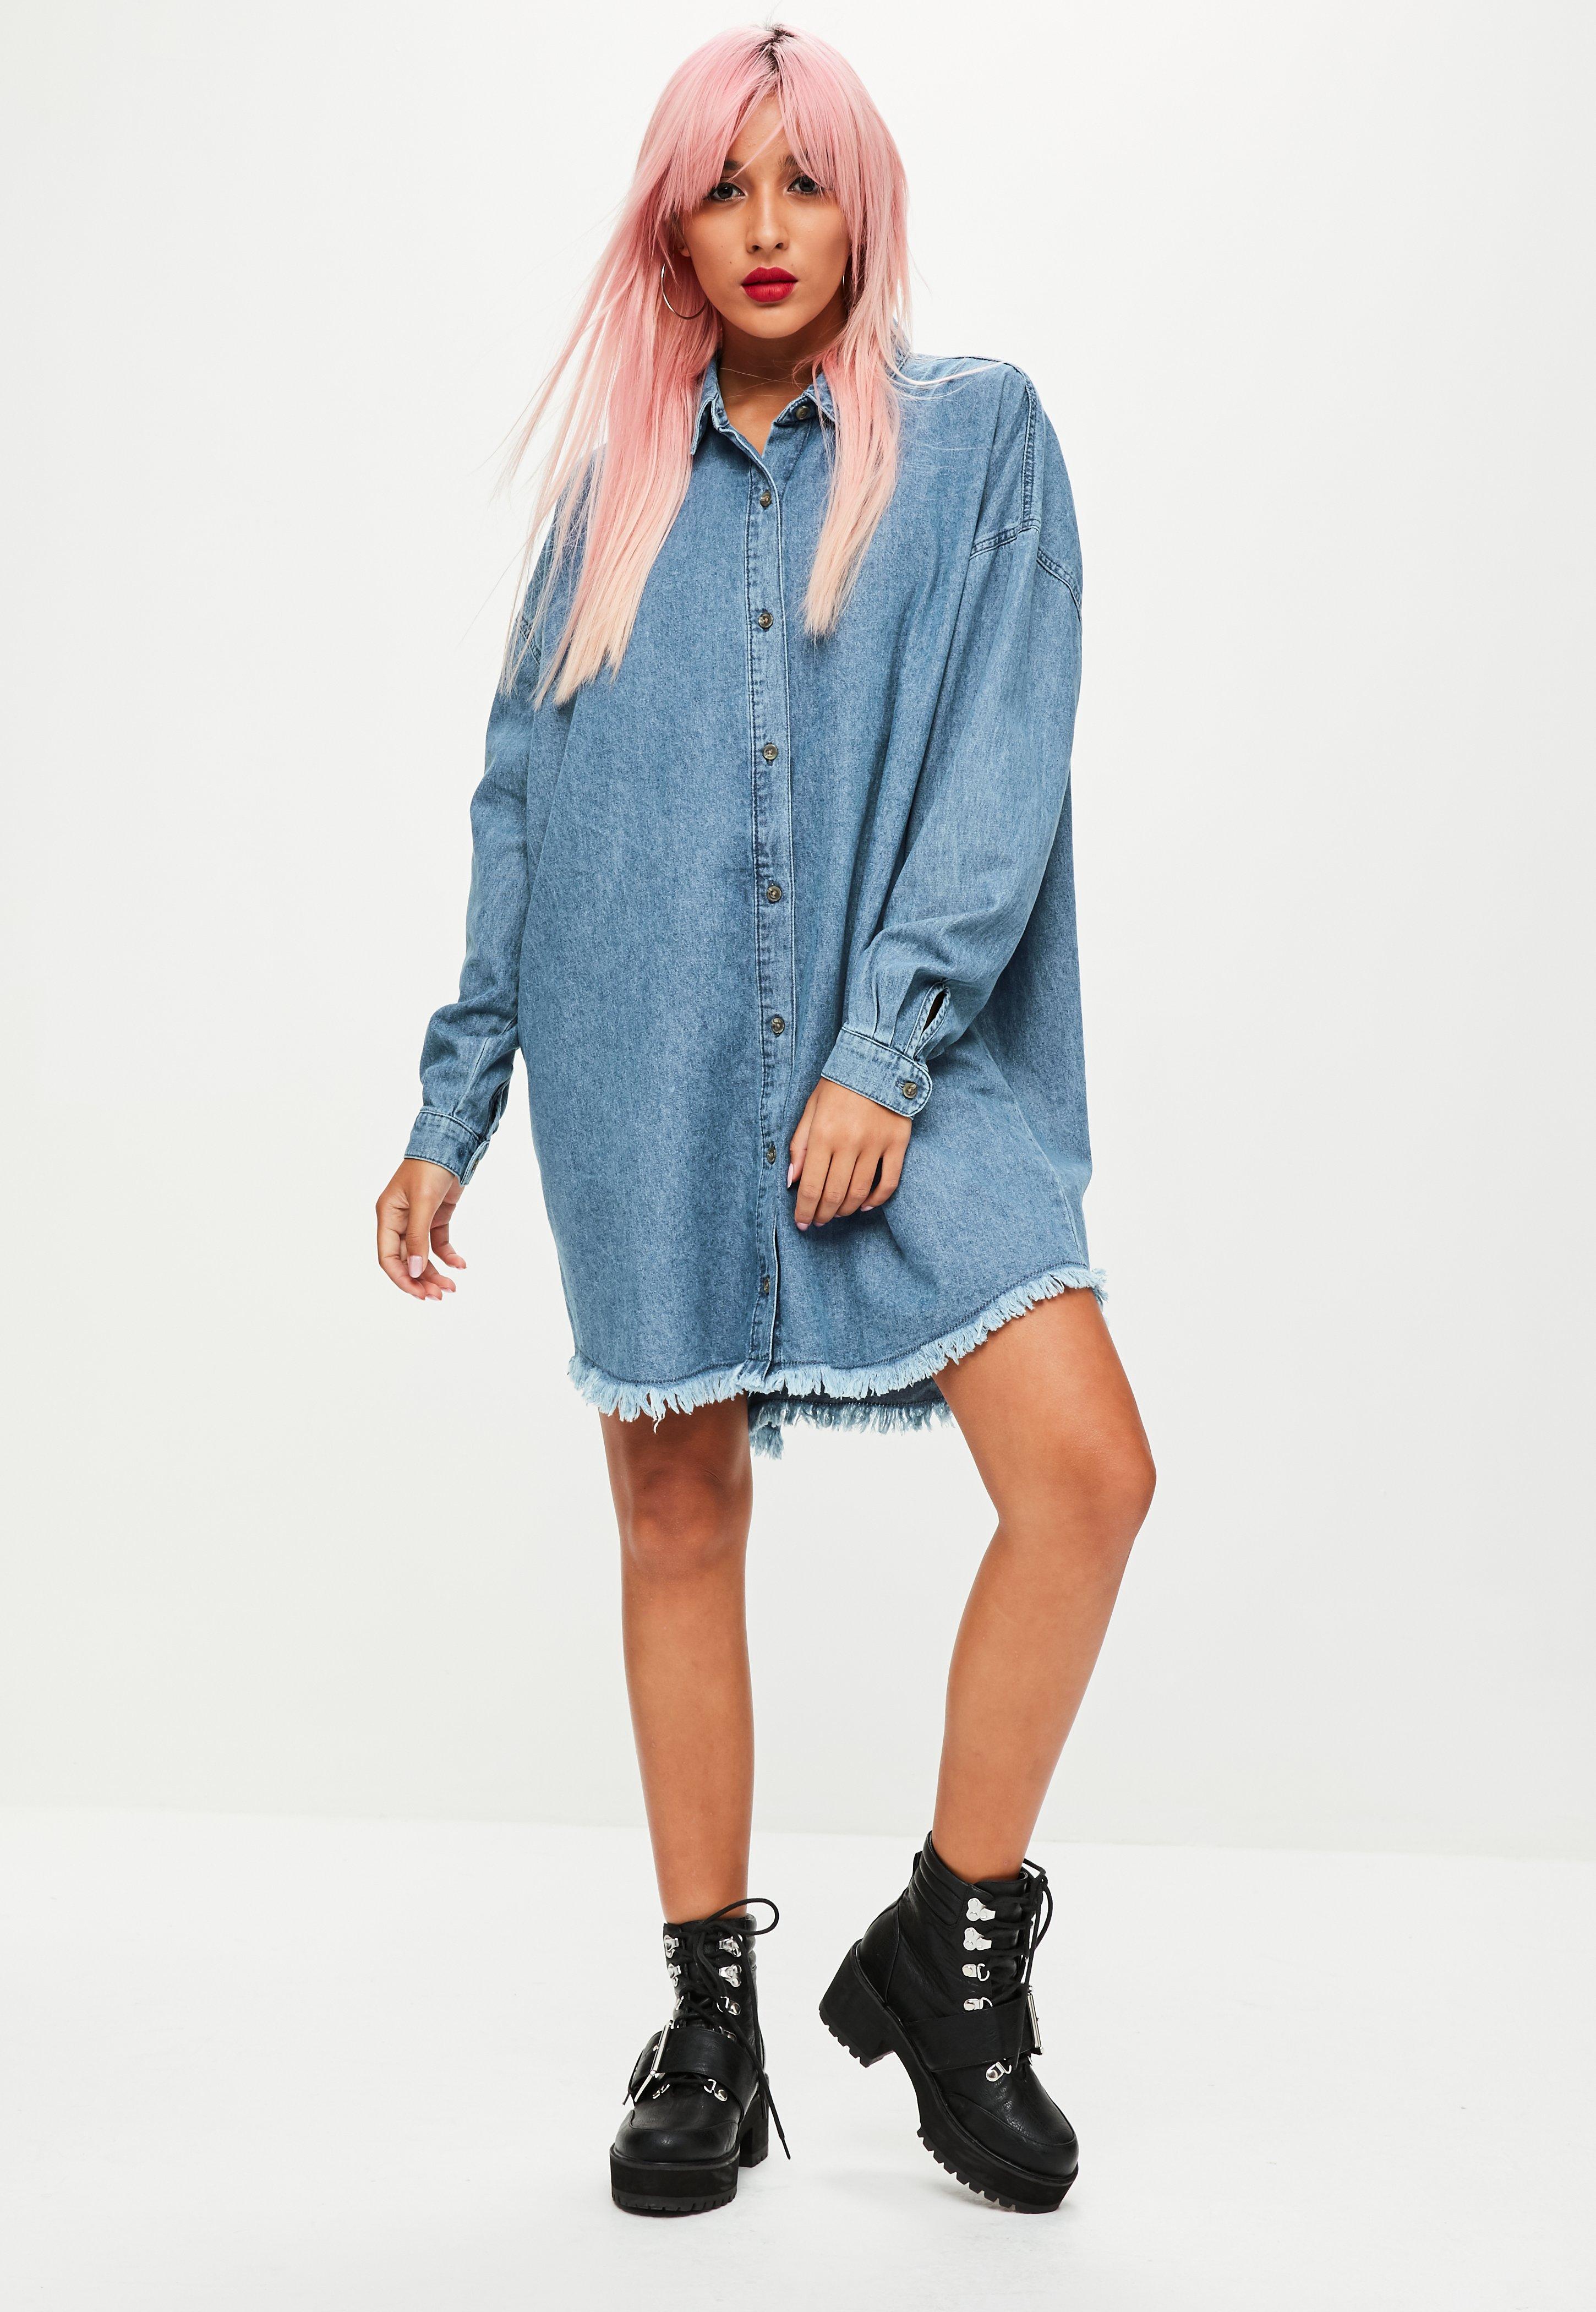 Chemise Jean Longue à robe en jean | achat robe en jean femme en ligne - missguided